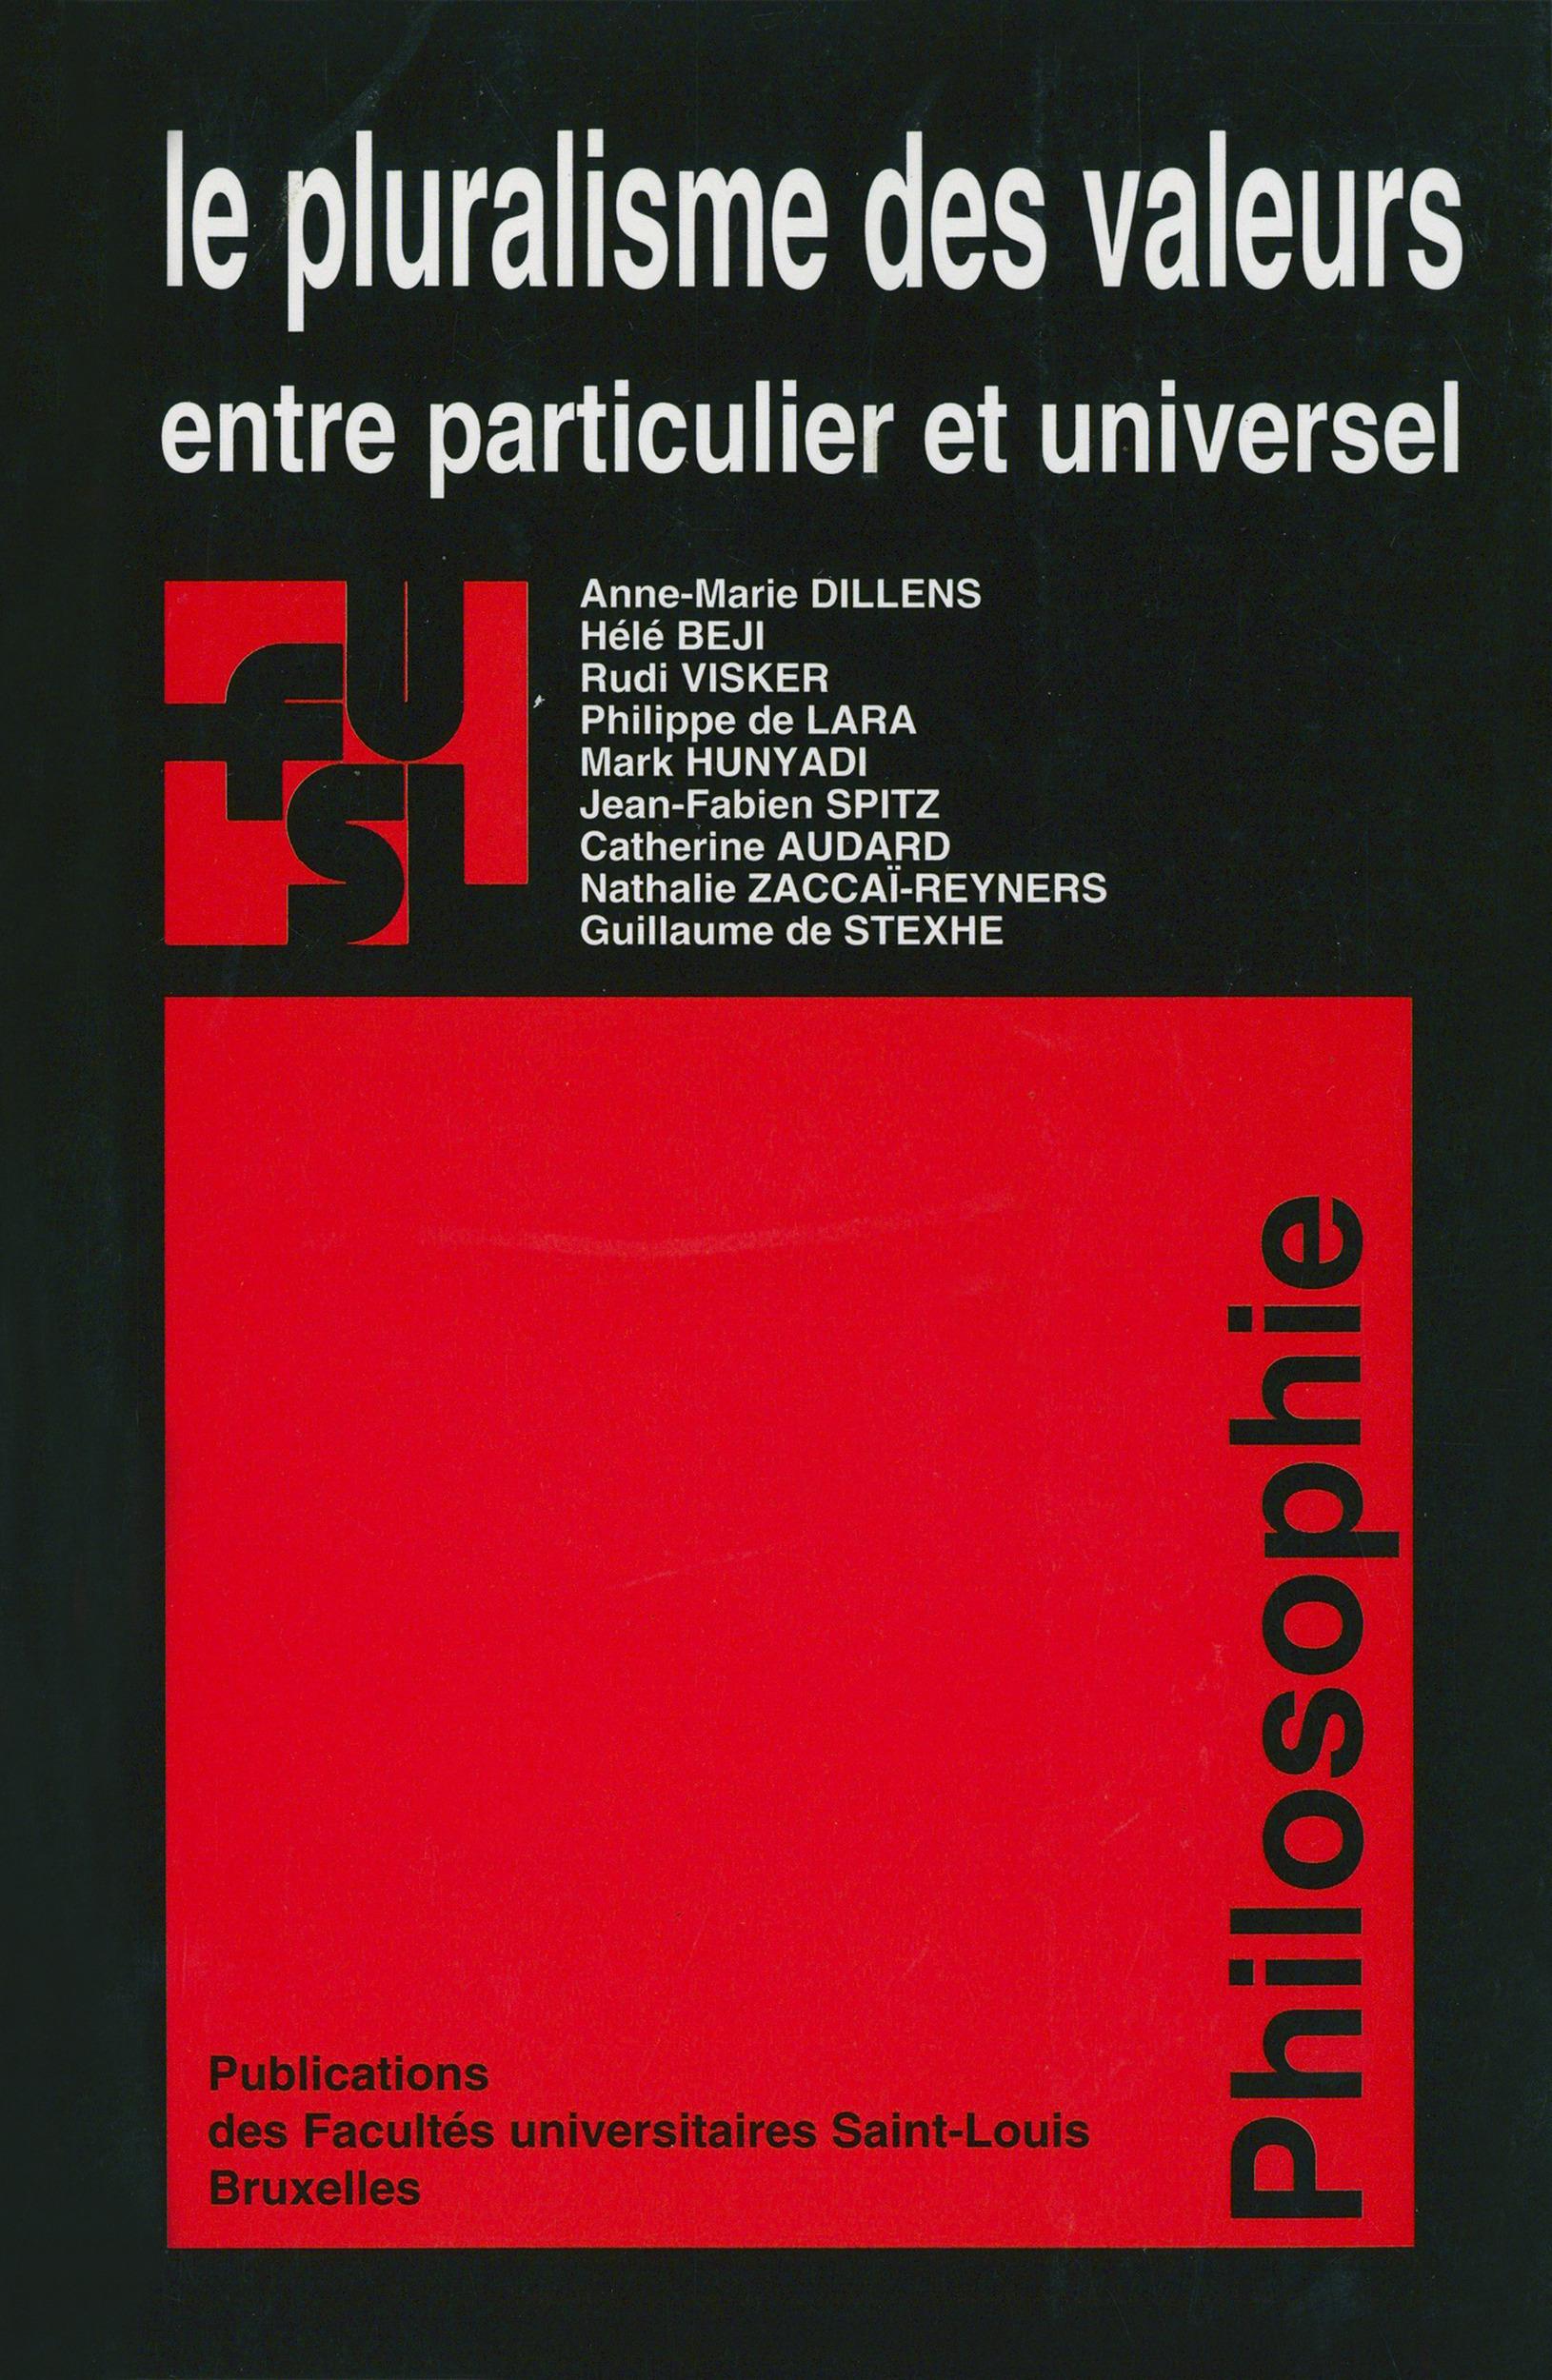 Pluralisme des valeurs - entre particulier et universel